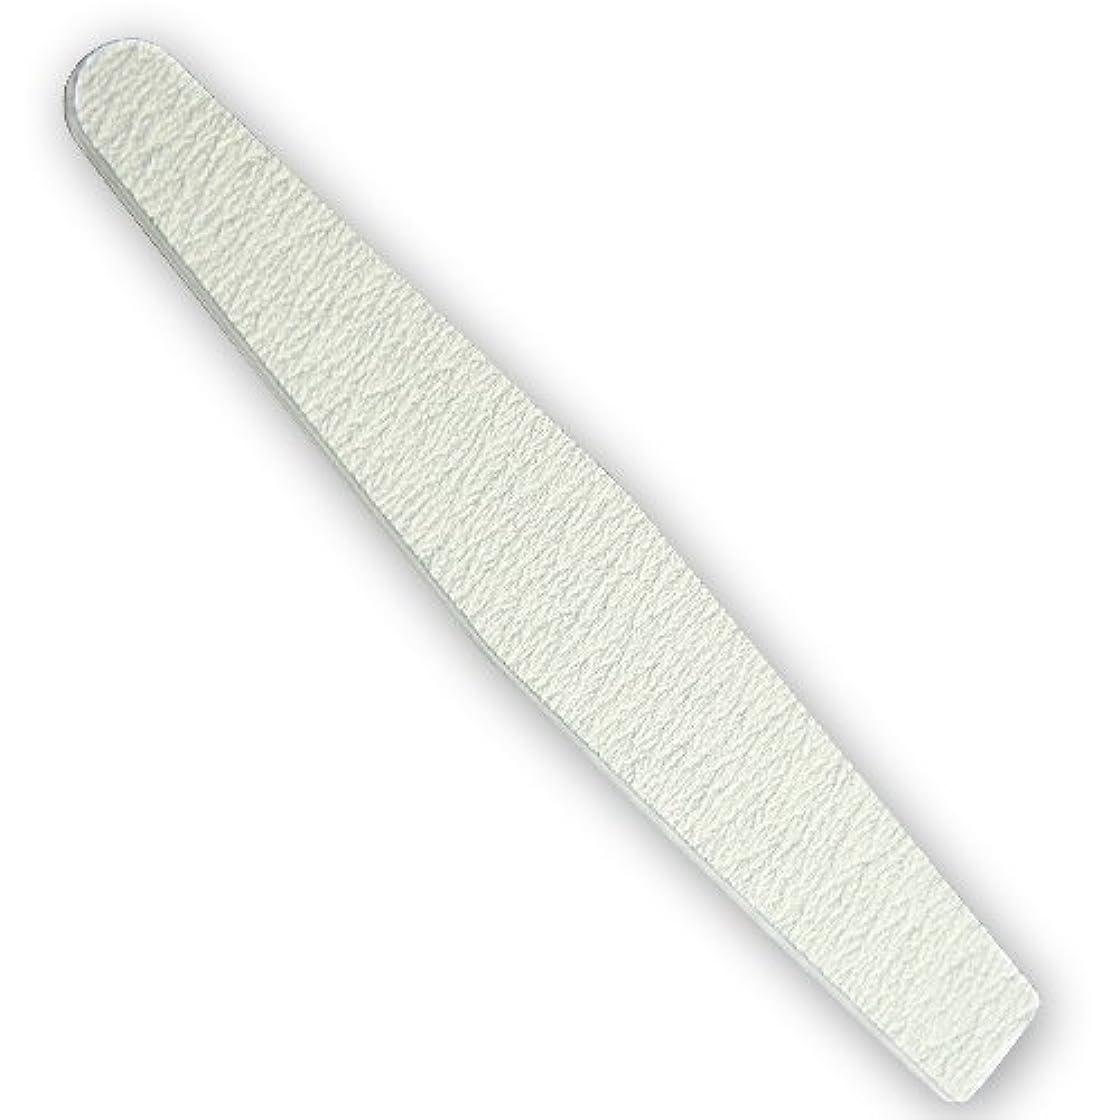 統治する期待してフレッシュジェルネイル用ファイル100/180(爪やすり)シンプルで使いやすい